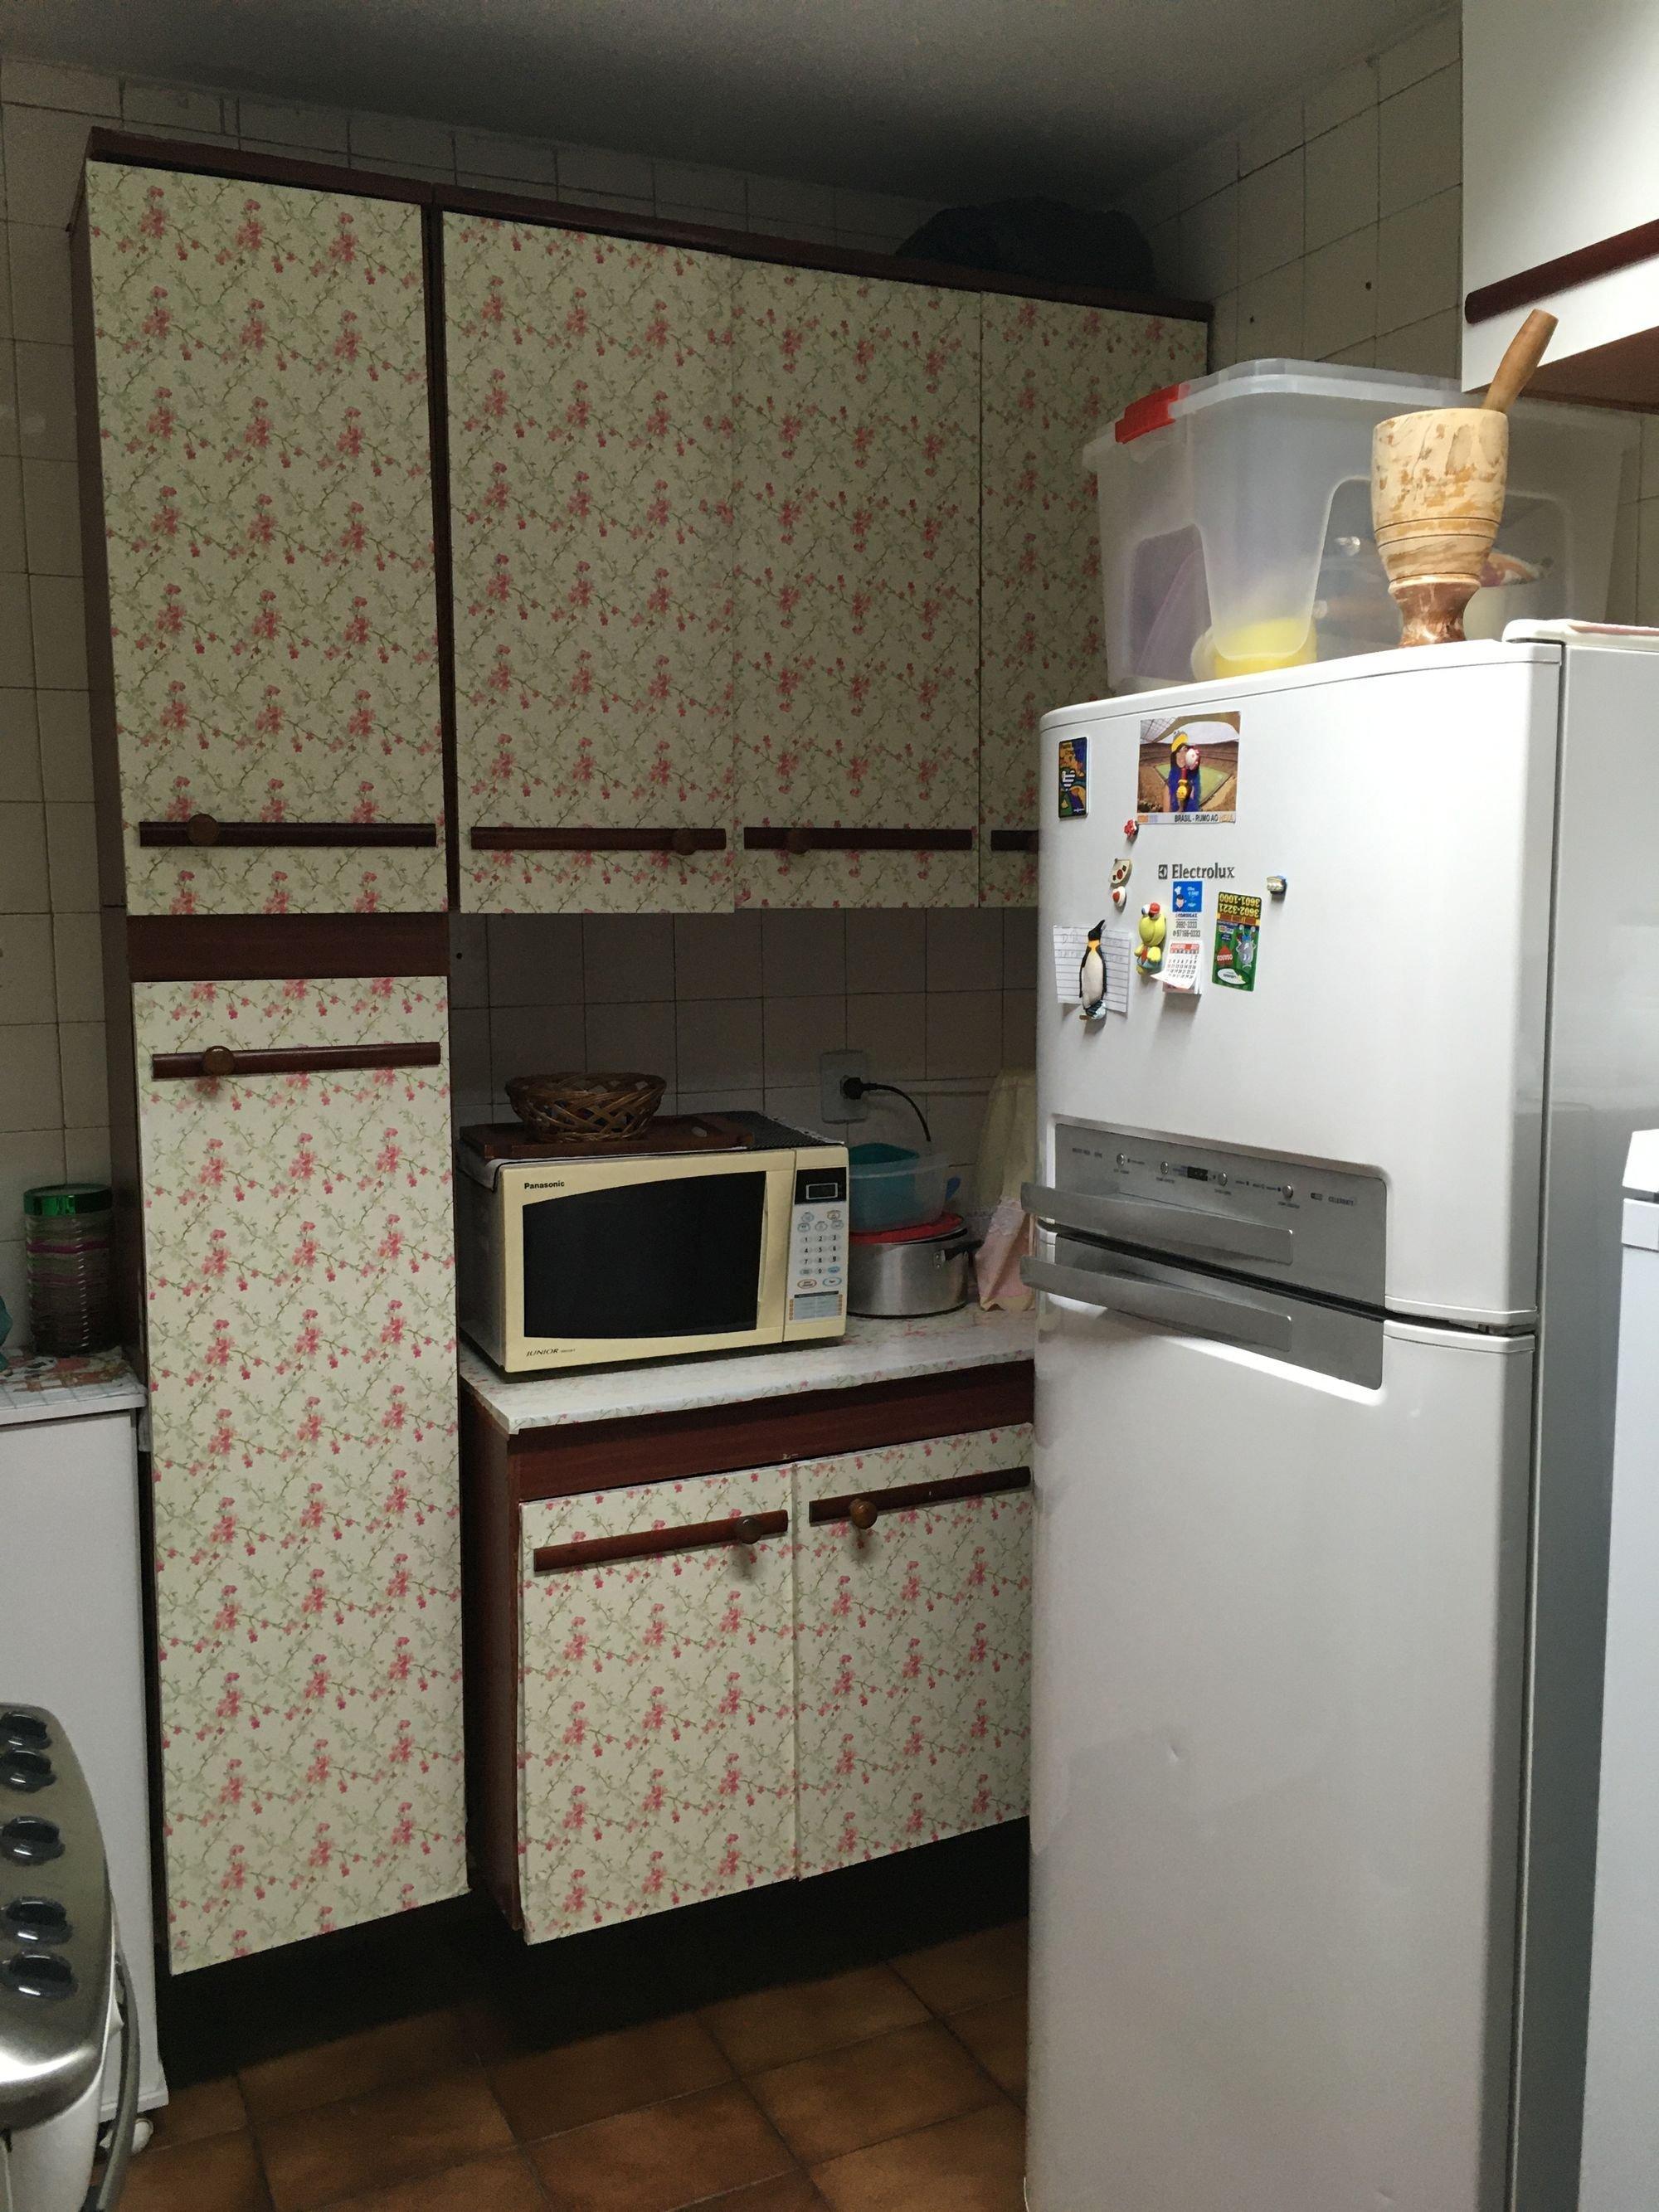 Foto de Cozinha com tigela, geladeira, microondas